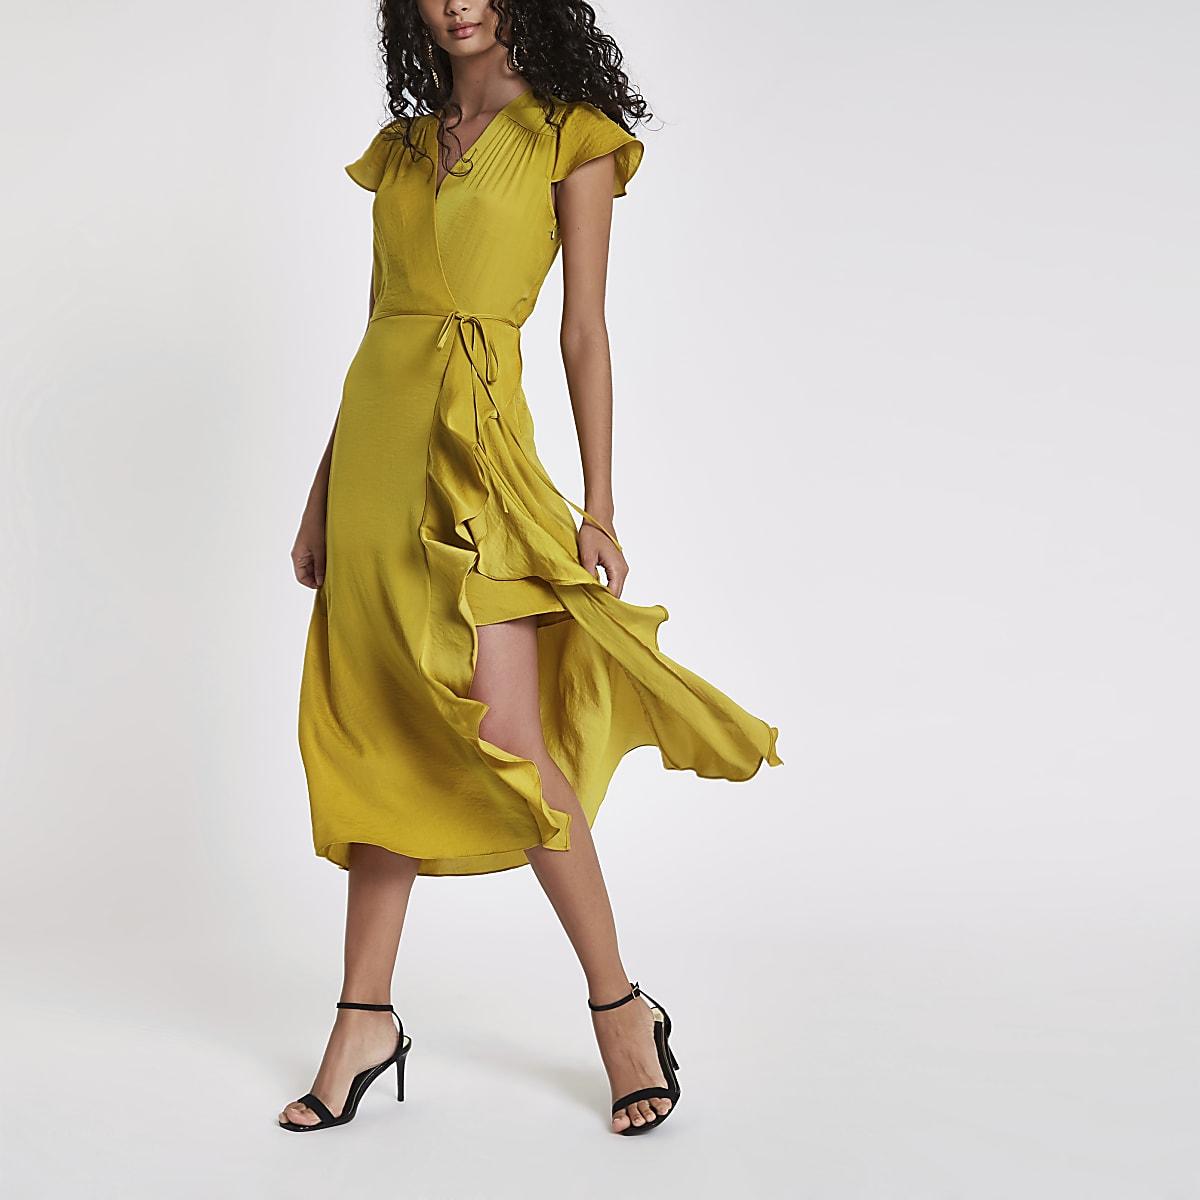 e11e29b707d Robe mi-longue cache-cœur jaune à volant - Robes trapèze - Robes - Femme